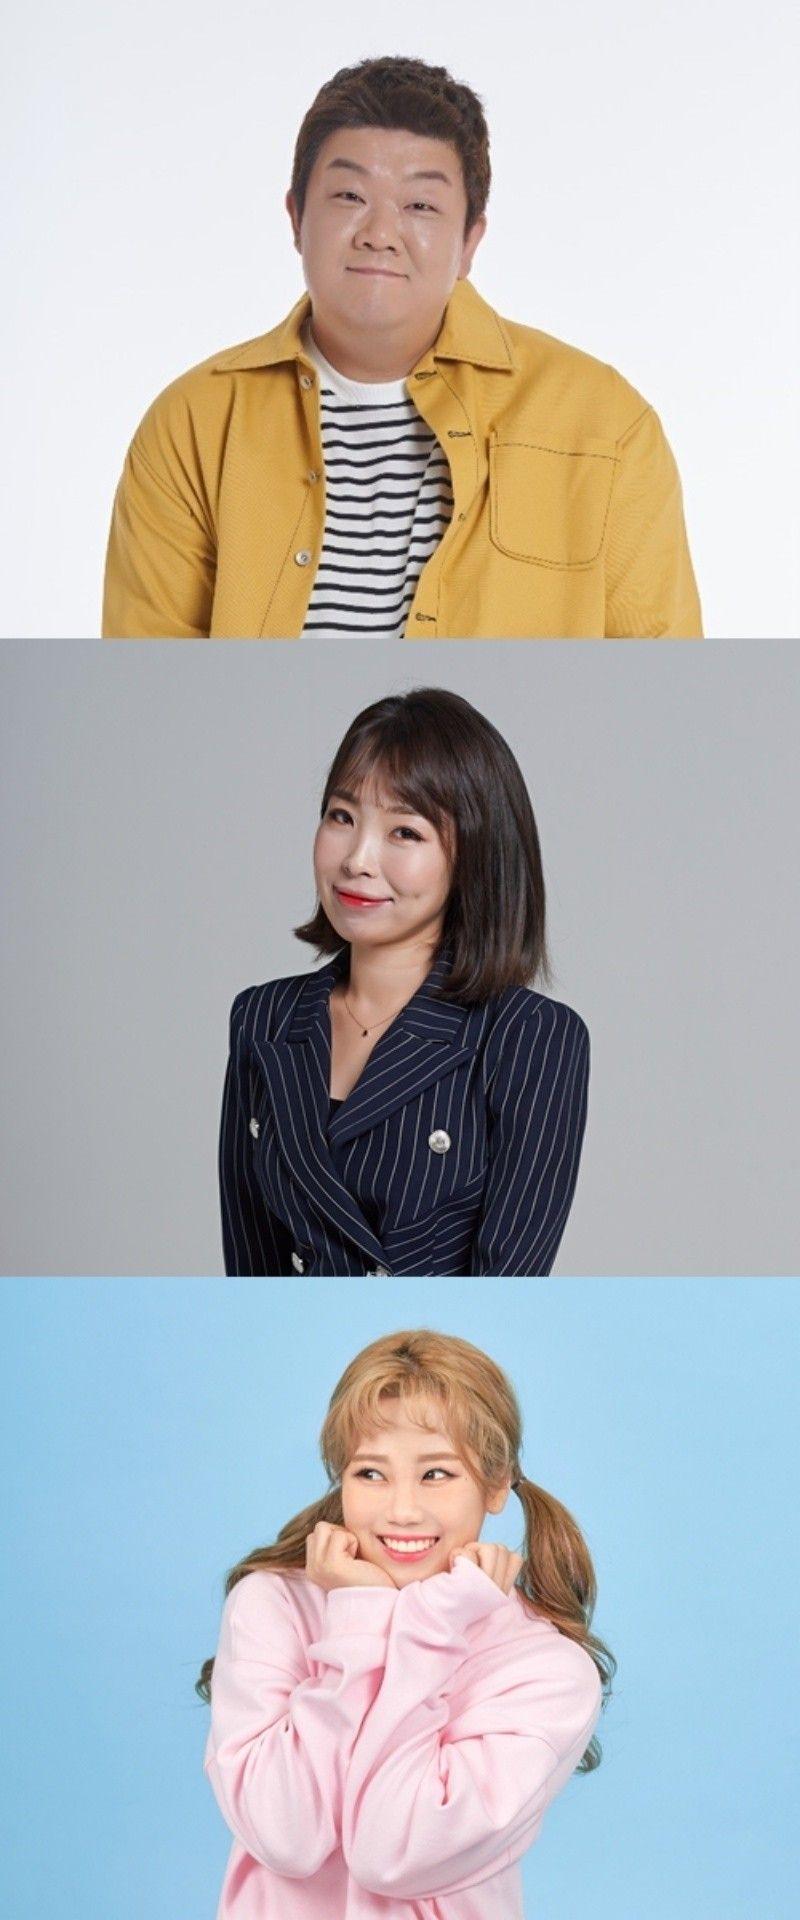 유민상X오나미X박지현, 애니메이션 '캣츠토피아' 더빙 도전